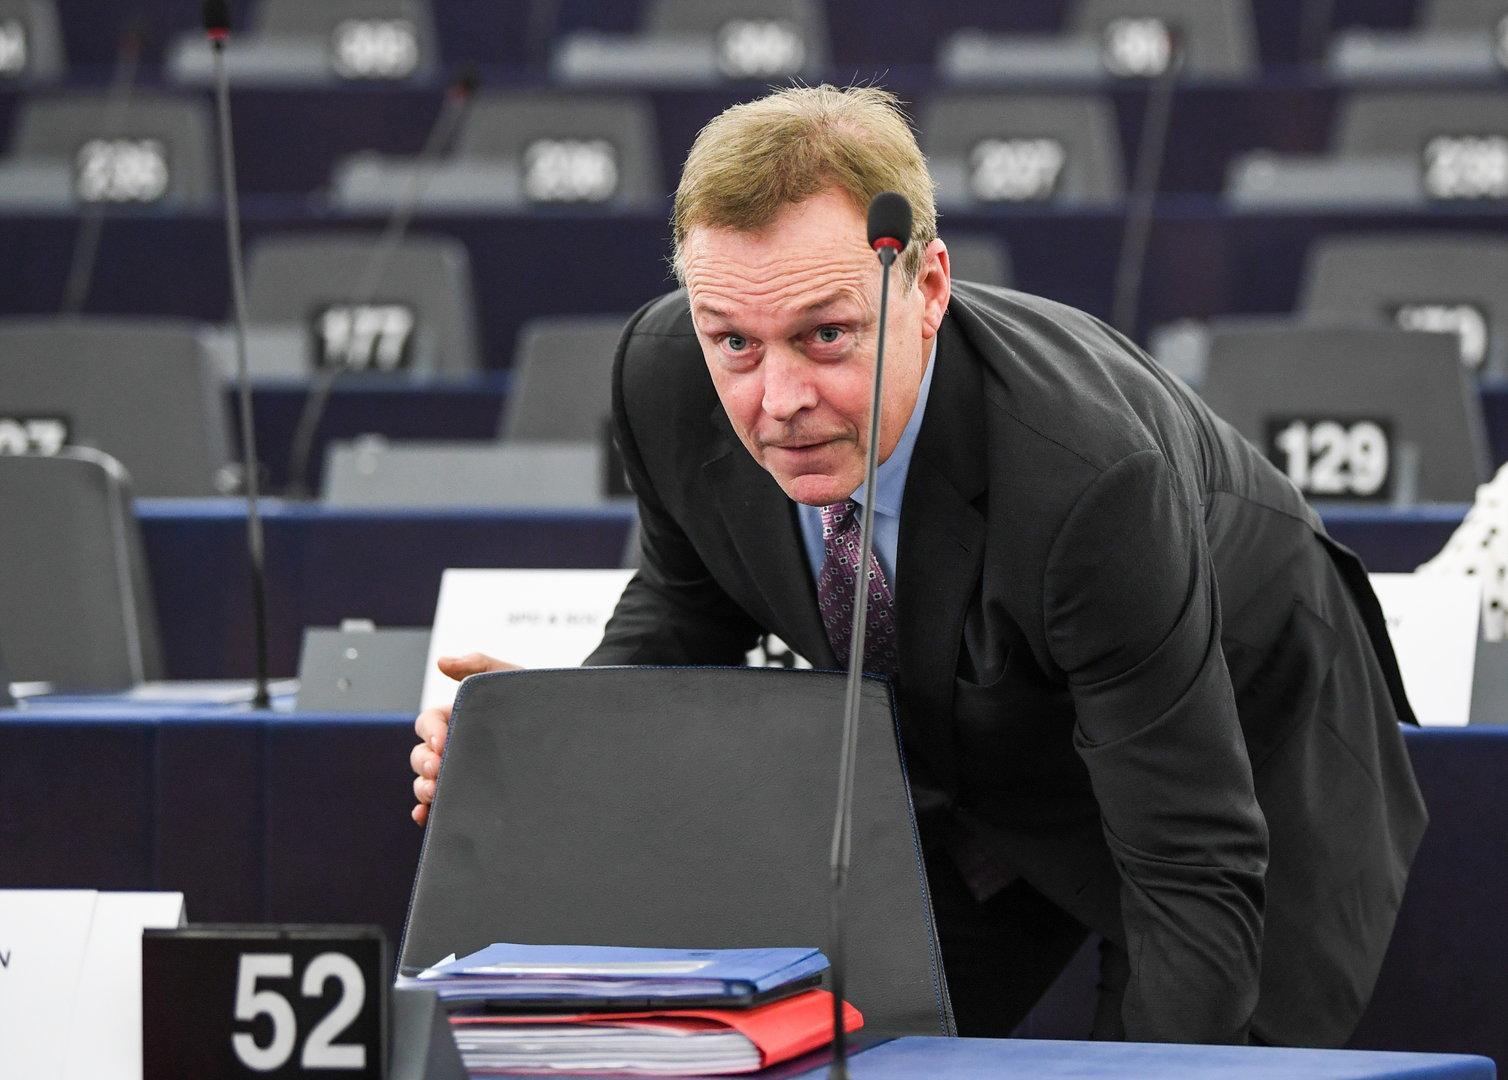 Deutschland: Hochrangiger SPD-Politiker gestorben